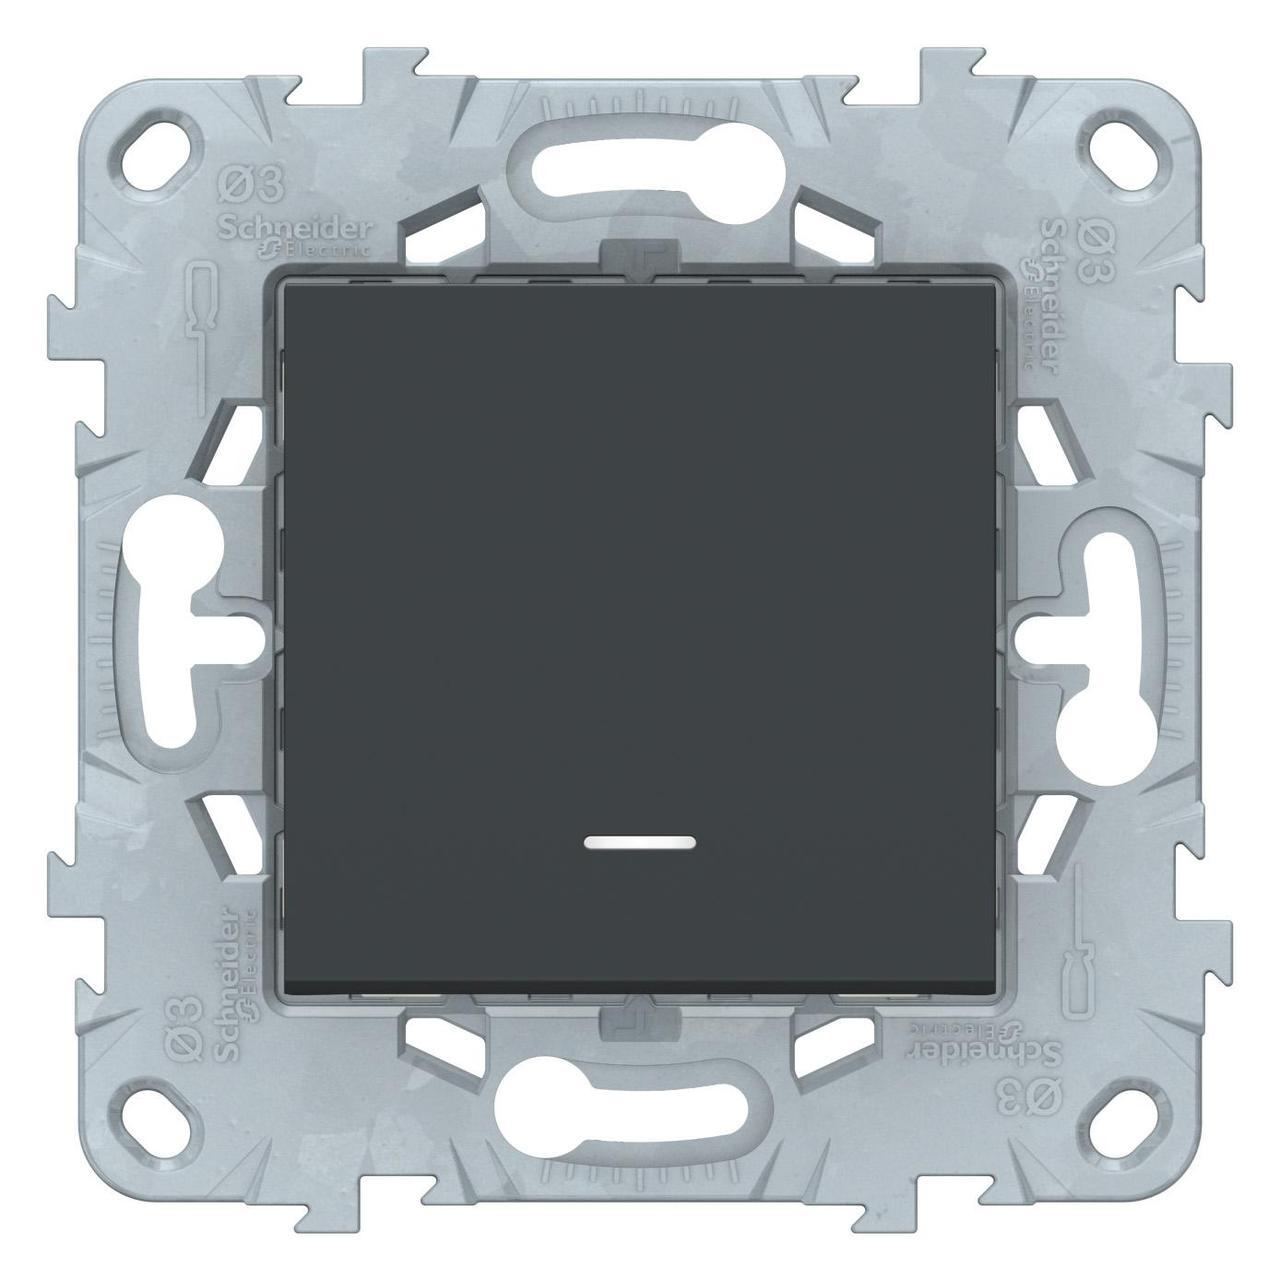 Выключатель 1-клавишный, перекрестный с подсветкой (с трех мест) , Антрацит, серия Unica New, Schneider